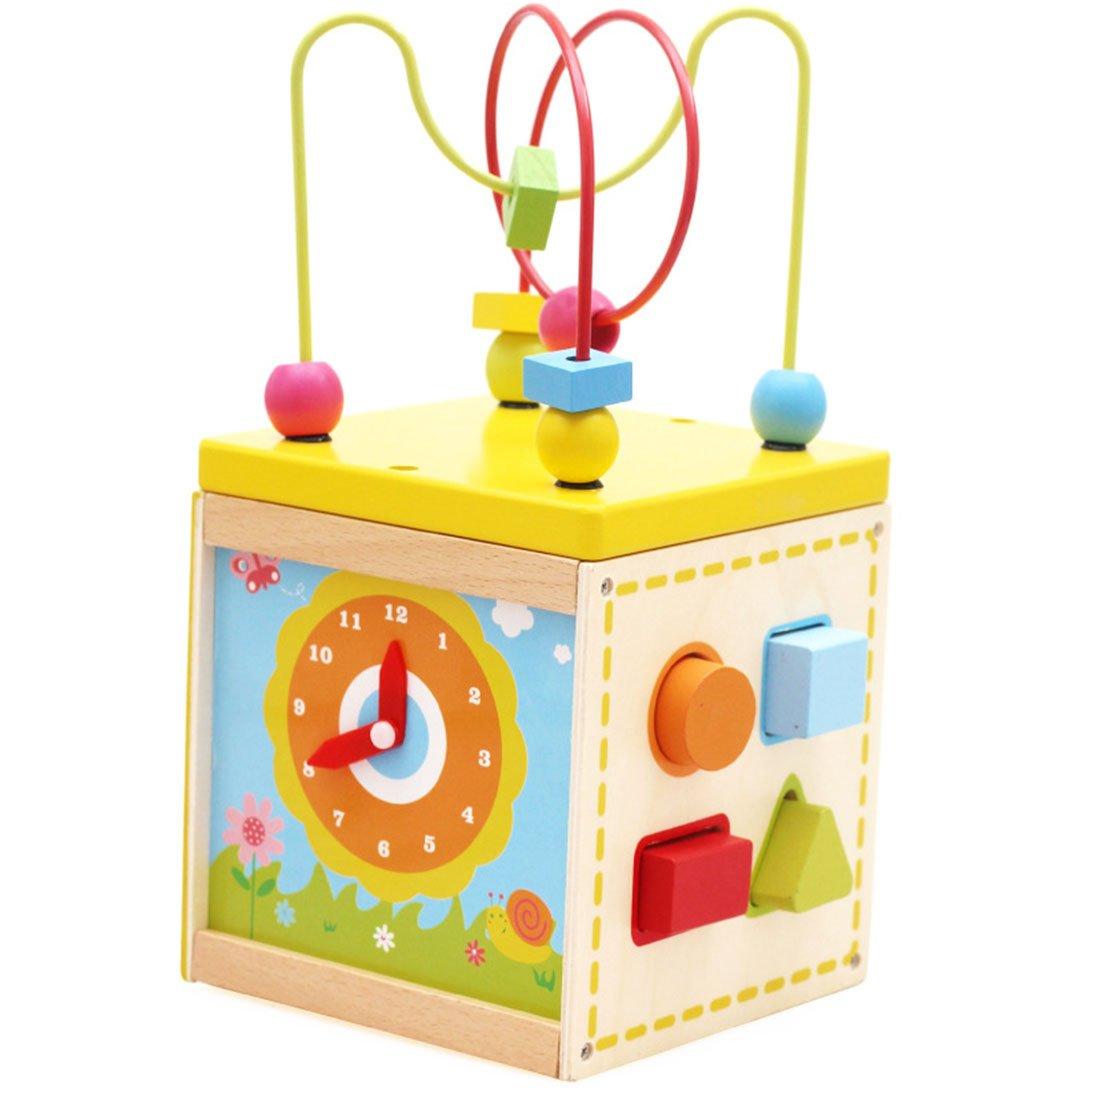 Circuits de motricité, Foxom Perles en bois, jouet en fil, boîte à trésorerie multifonction, bébés, enfants, développement précoce et éducation, jouet